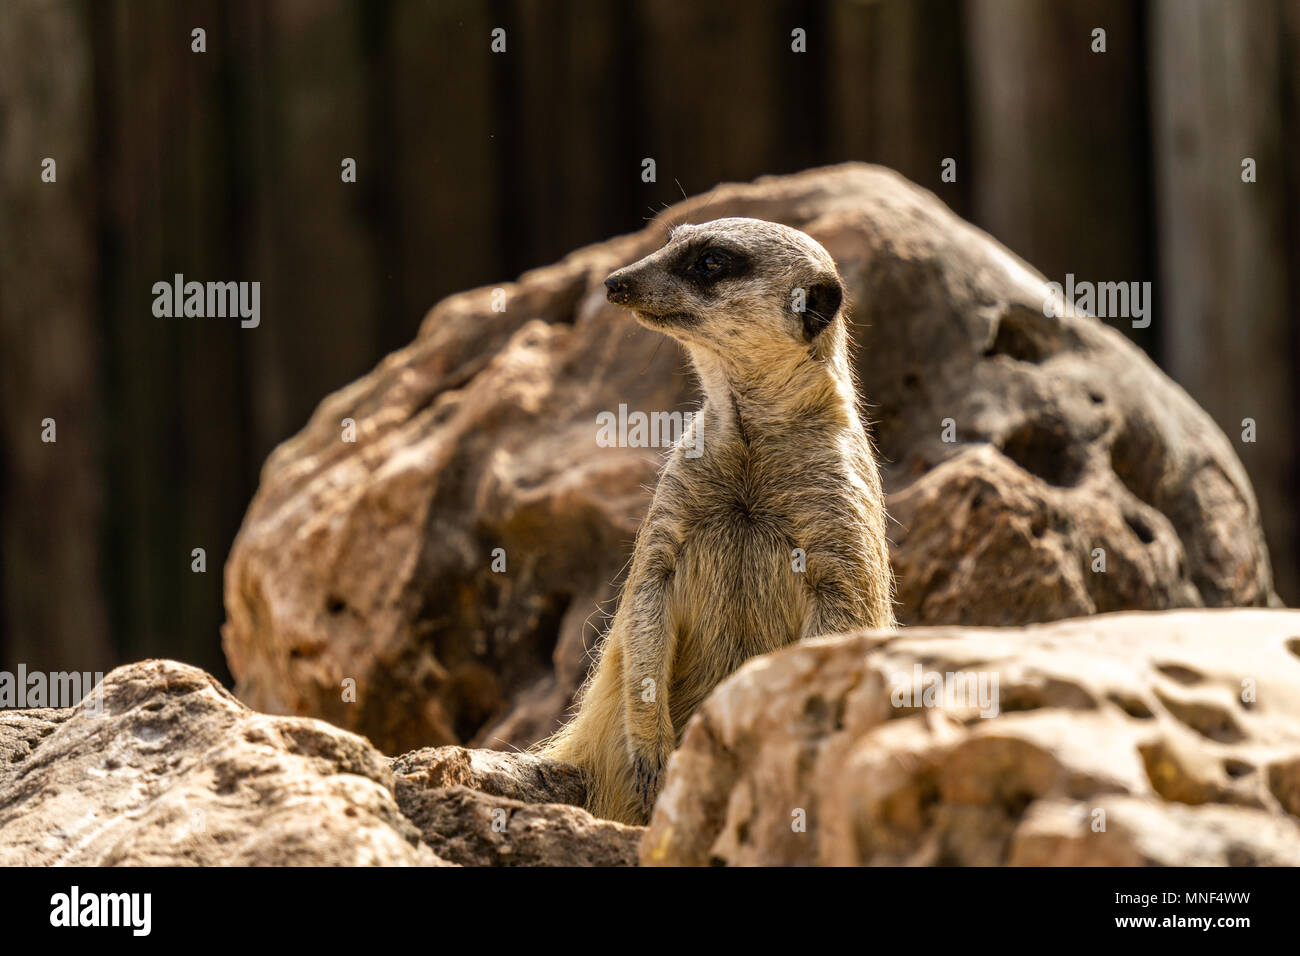 Esbelto-tailed Suricata suricata o en busca de peligro. Imagen De Stock